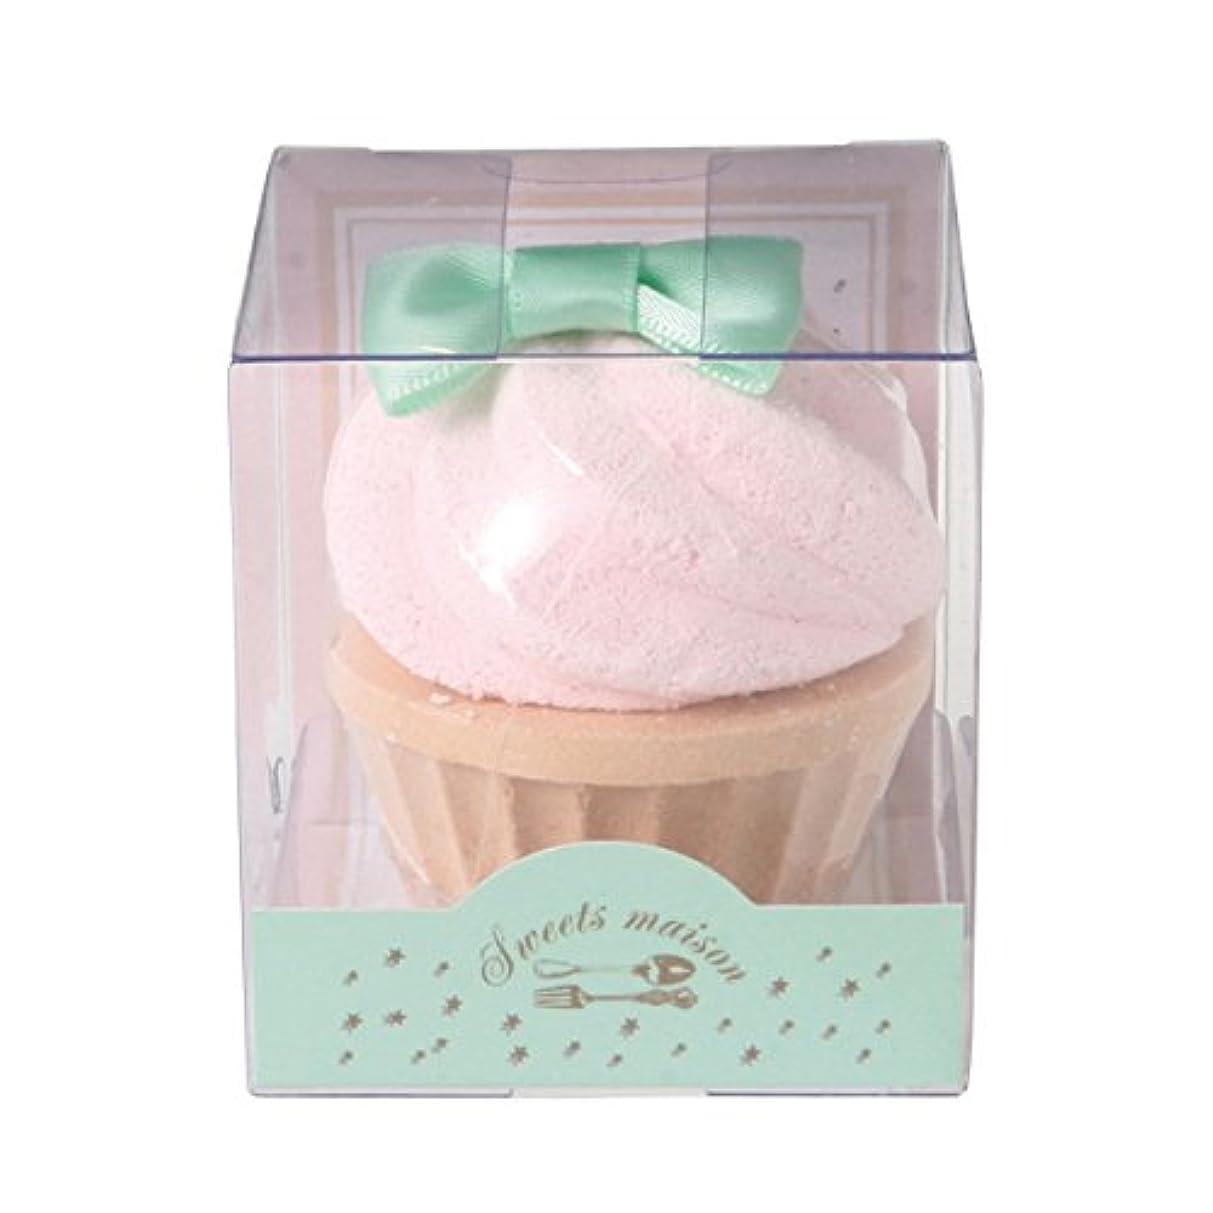 誤血まみれのレシピ(内野)UCHINO ノルコーポレーション おめかしプチカップケーキフィズ(ブーケローズの香り)